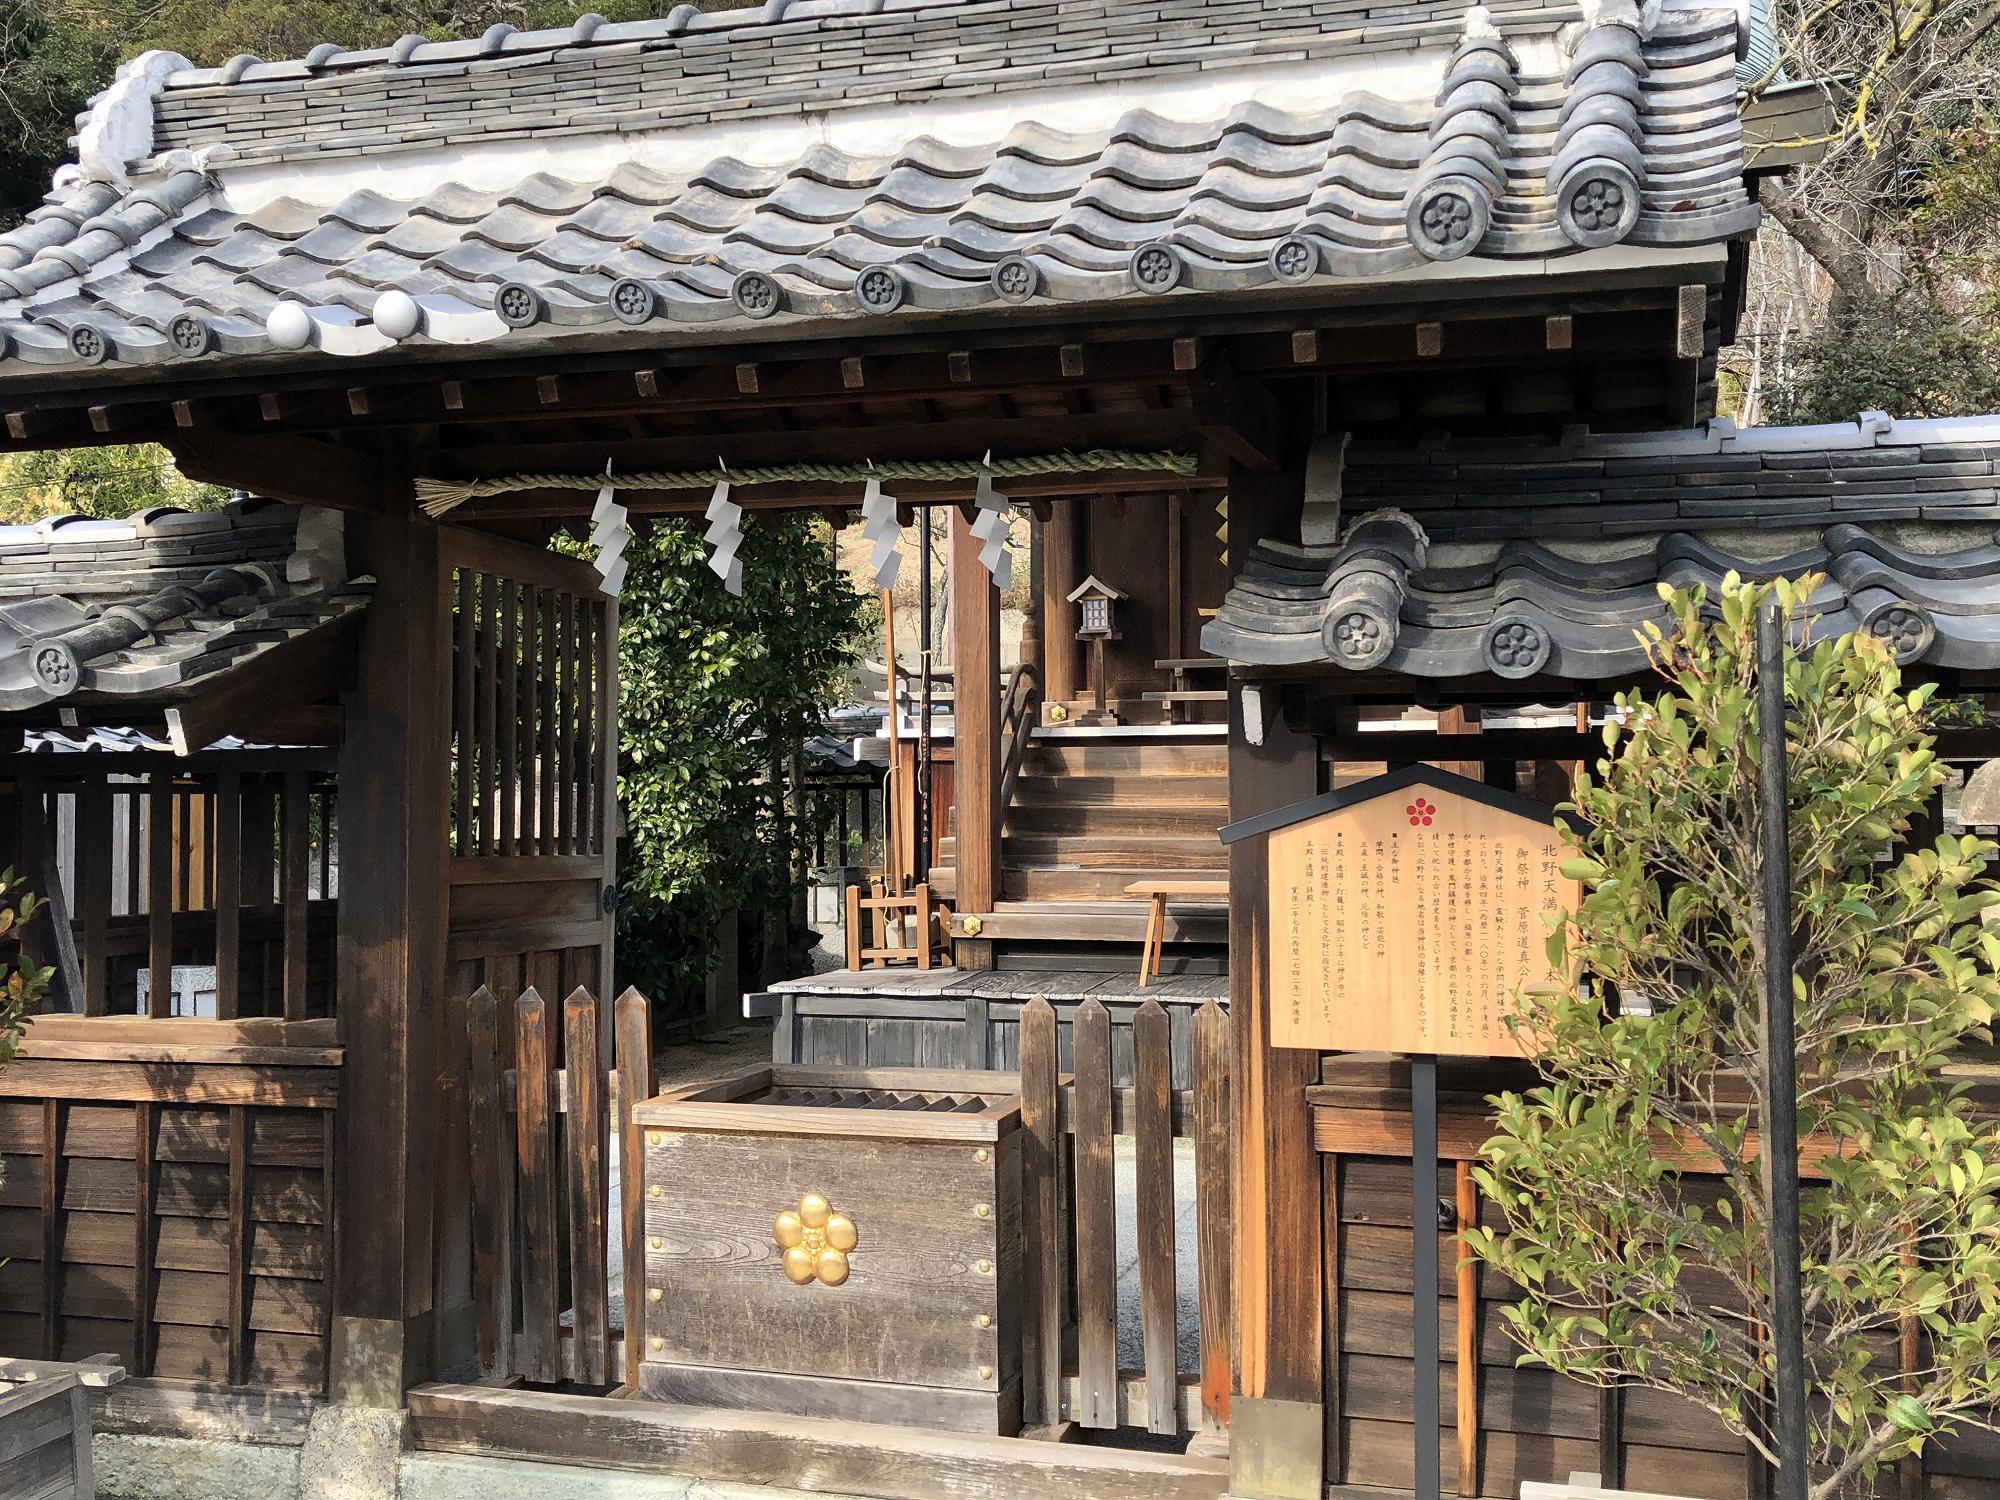 神戸北野異人館街にある「北野天満神社」にお参りしてきた! #初詣 #神戸北野異人館